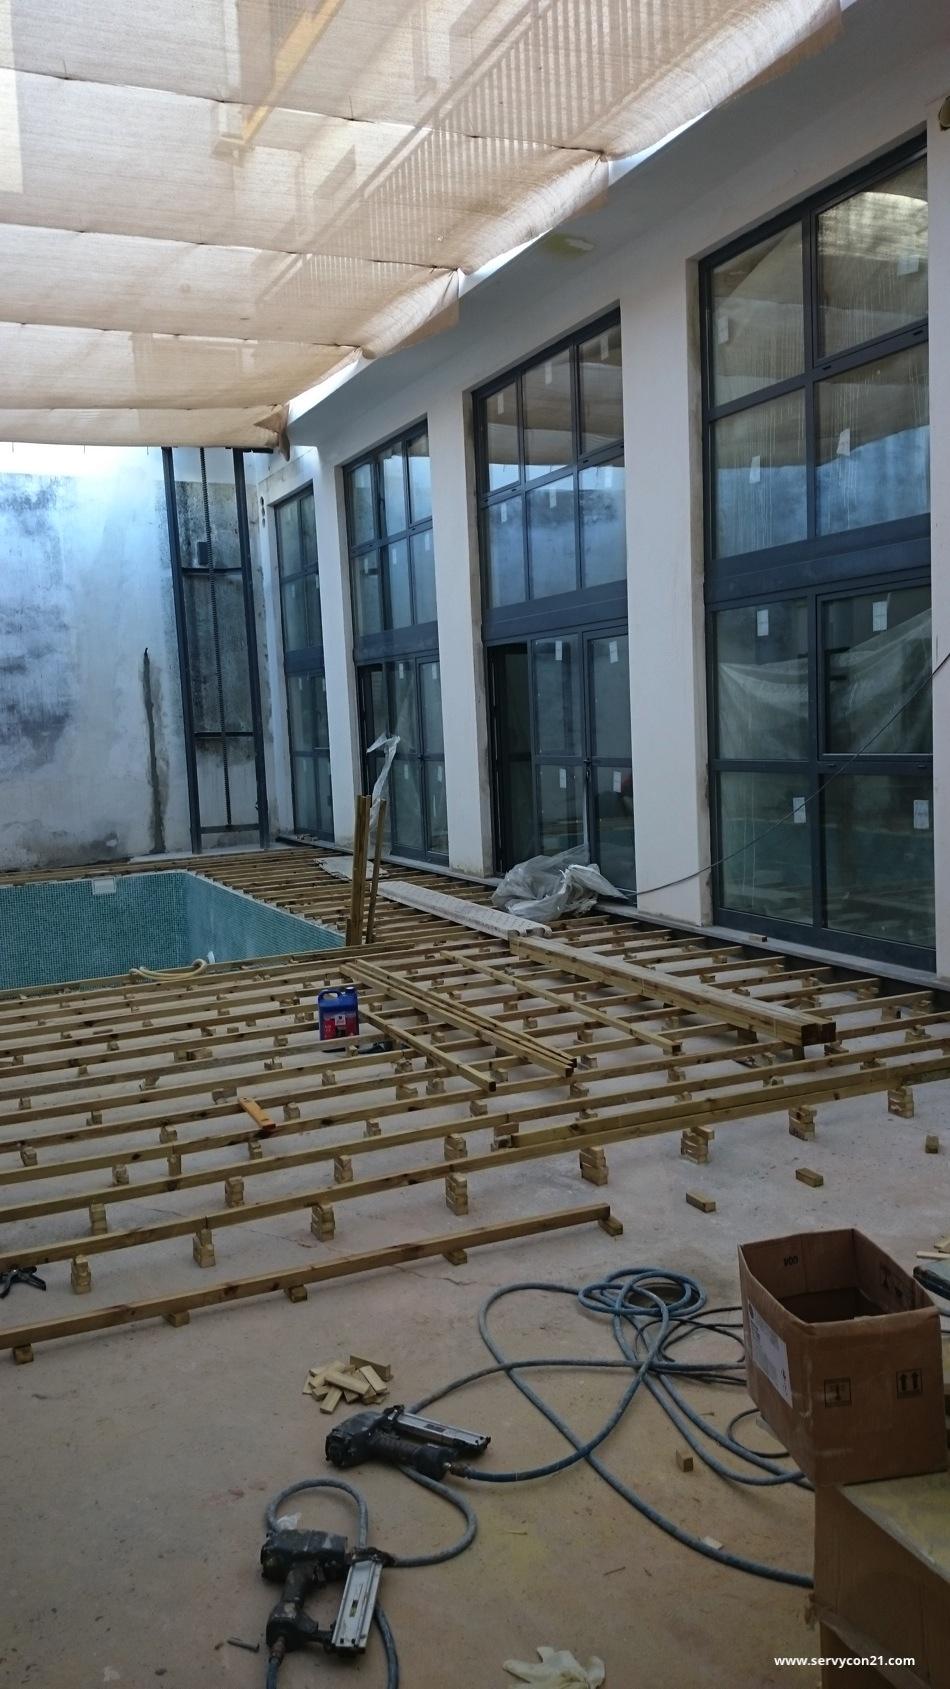 Residencial guadalquivir en sevilla servycon21 - Loft en sevilla ...